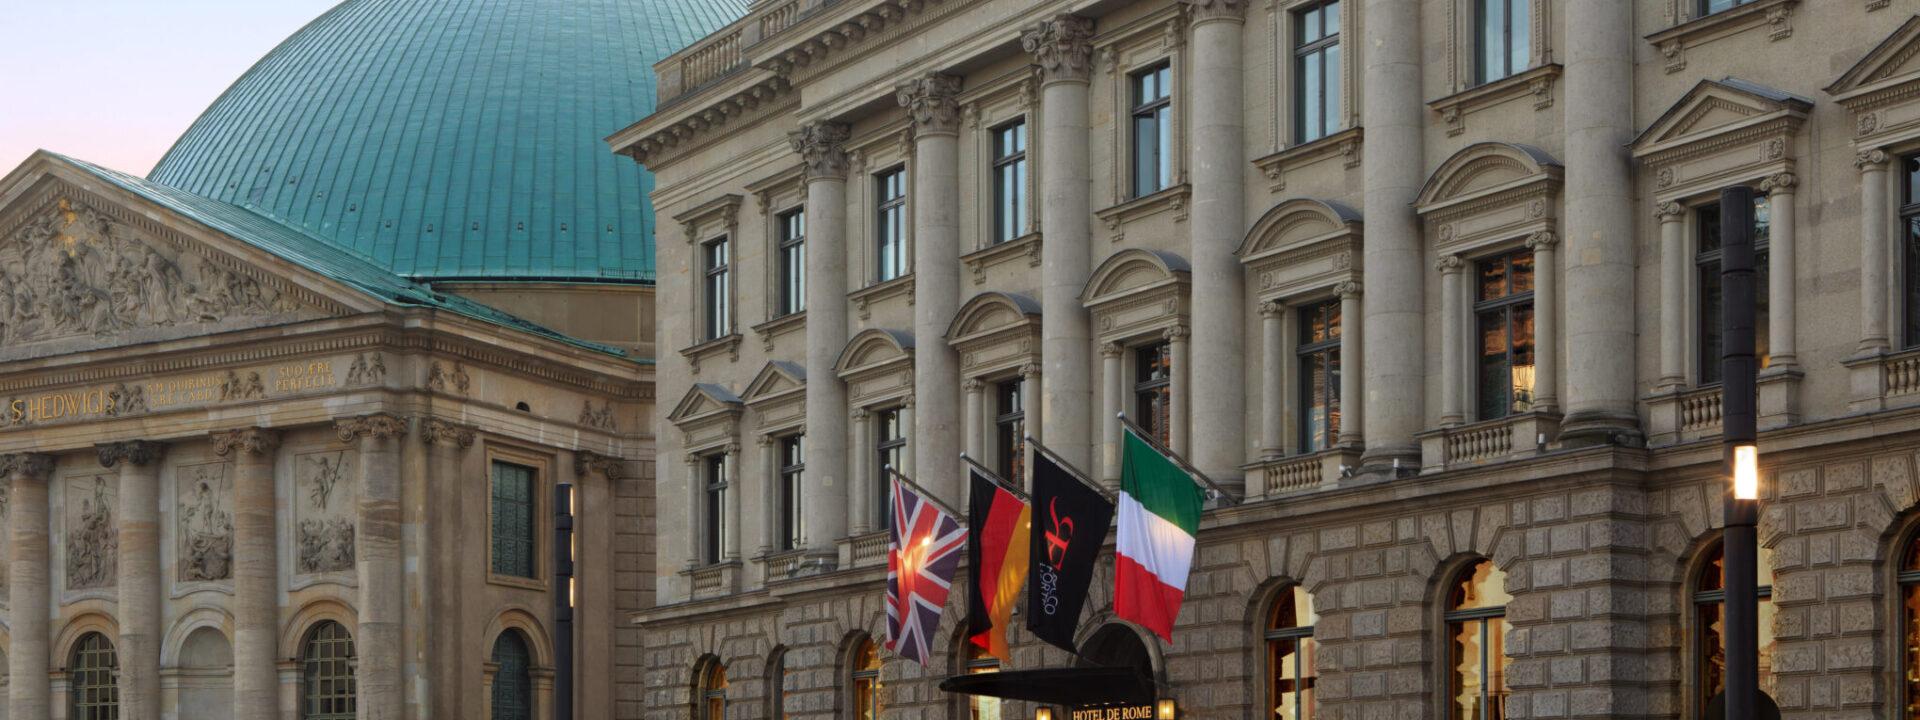 Hotel de Rome Fassade